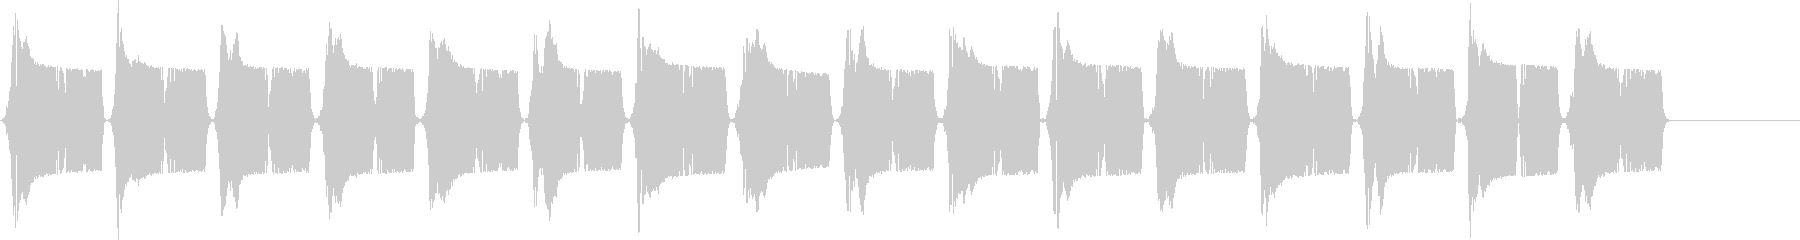 ピュピュ..。冷汗・震える音B(長め)の未再生の波形